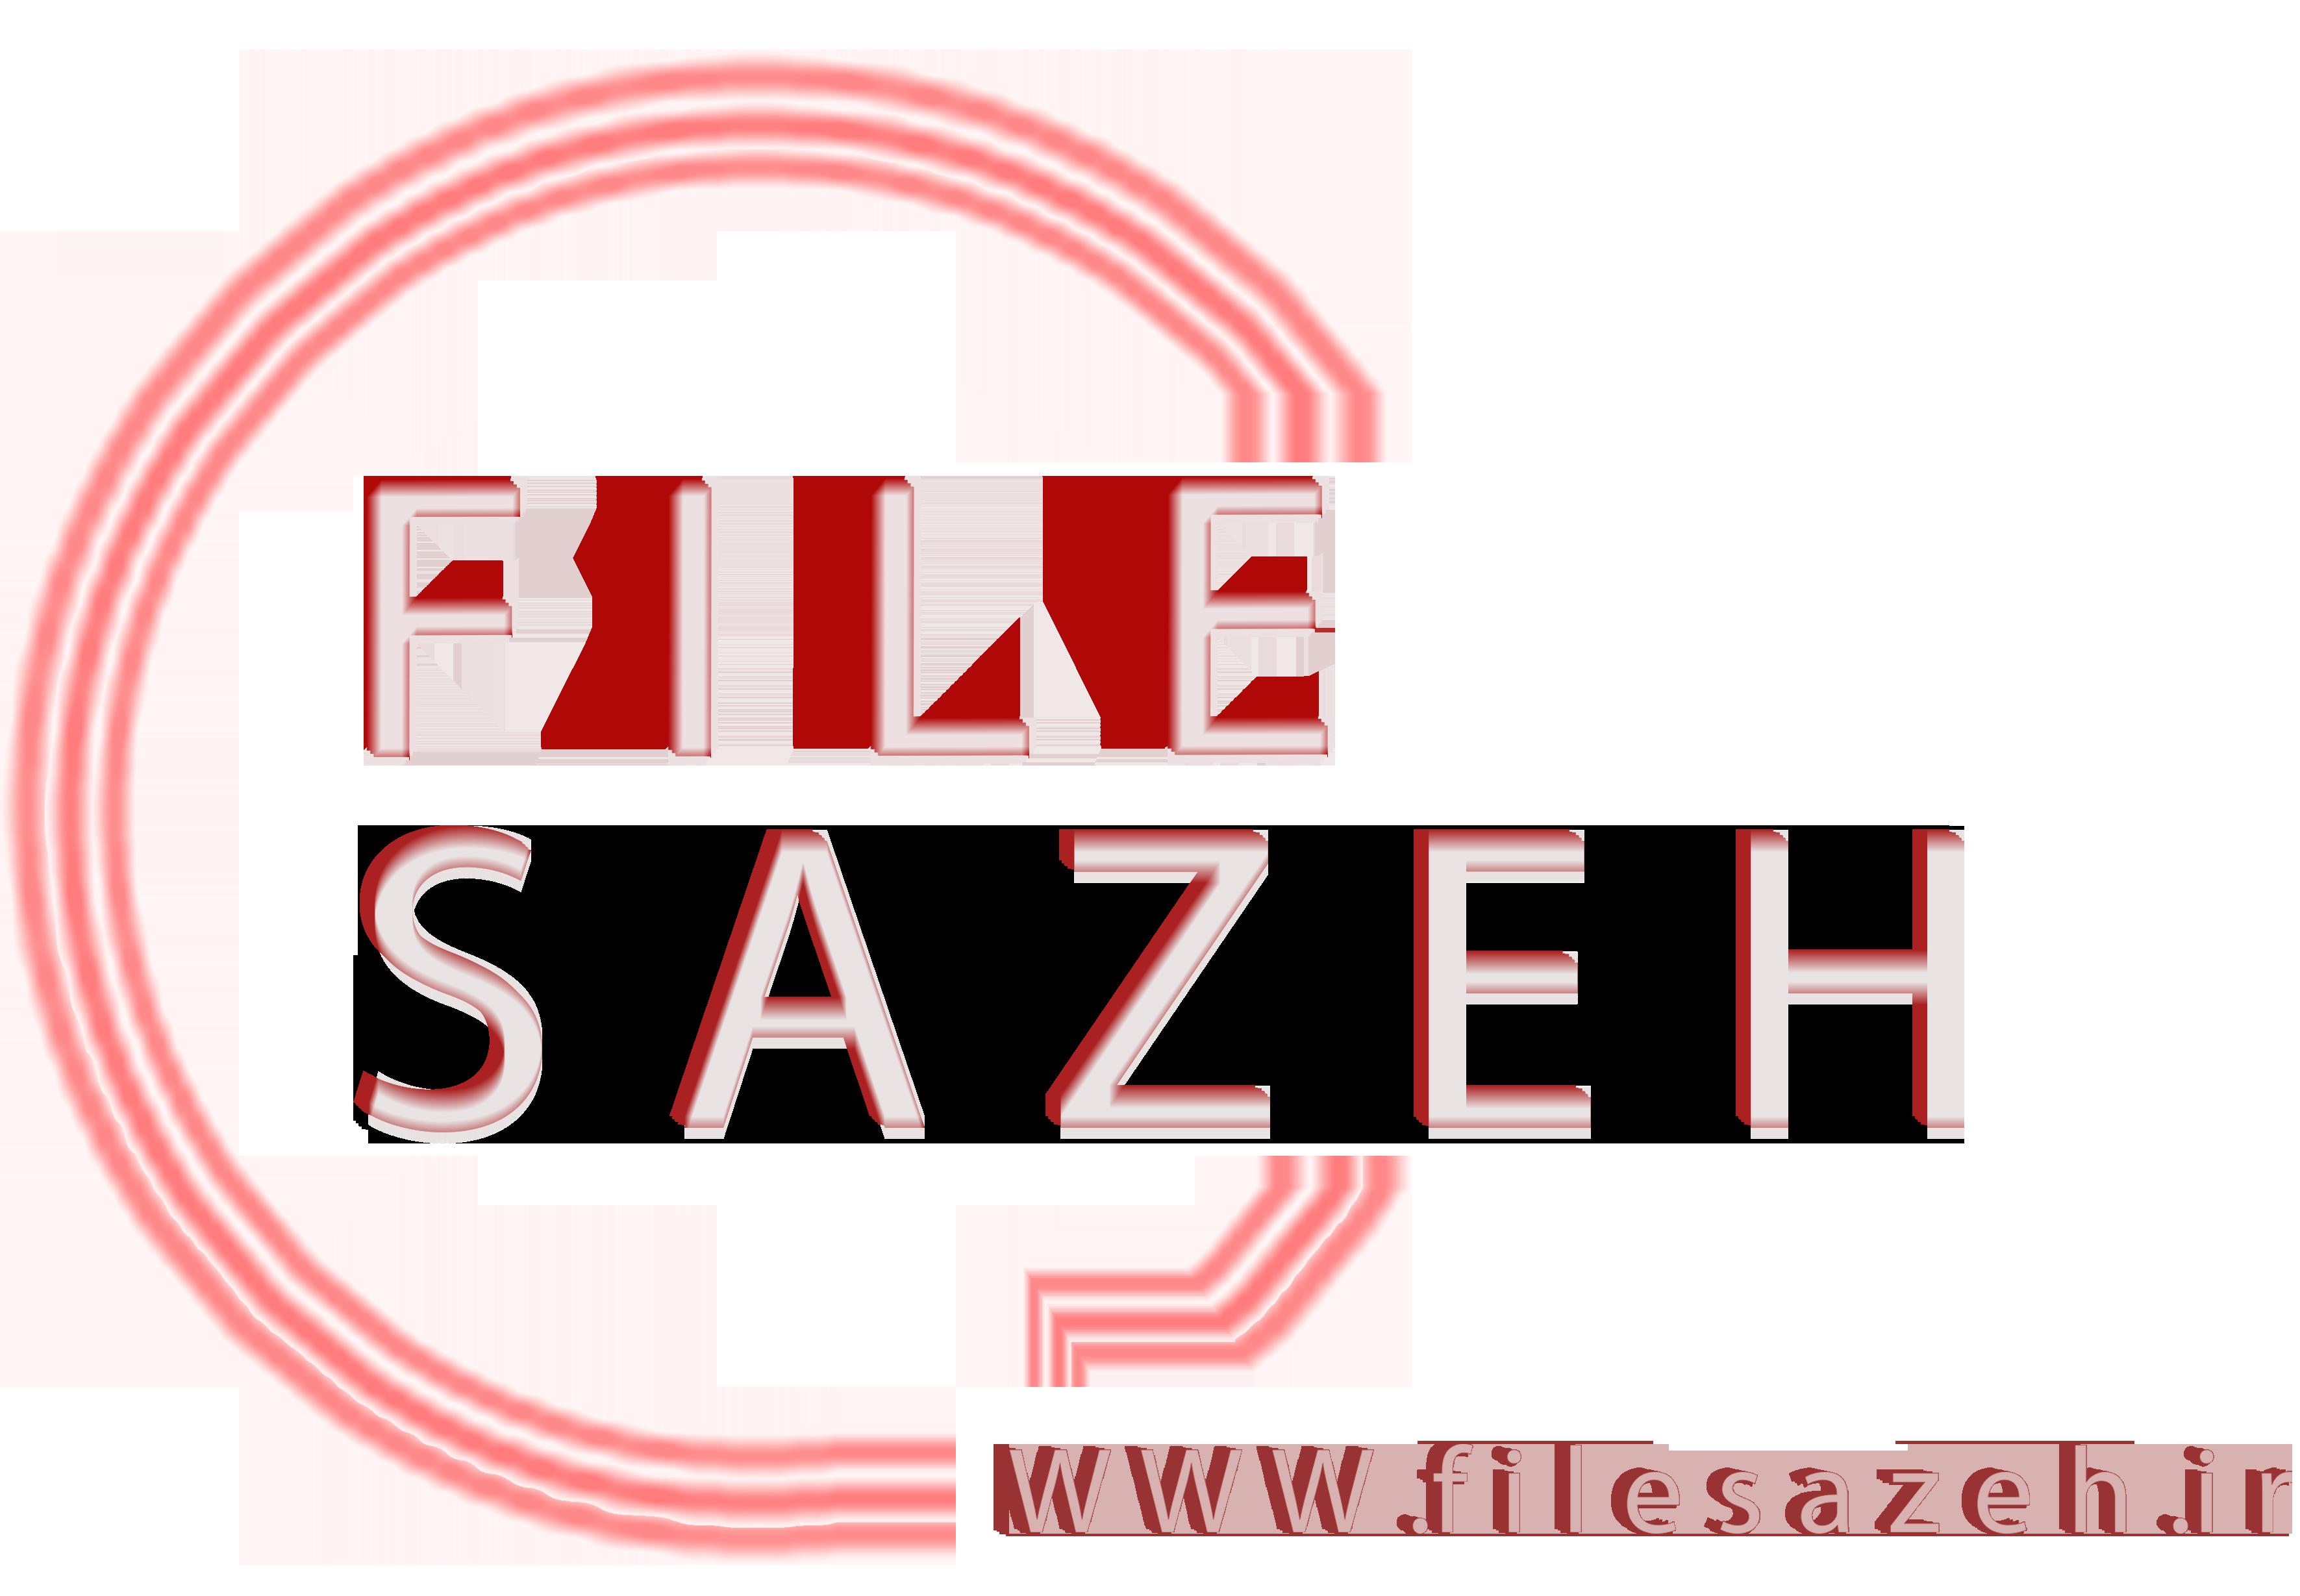 فایل سازه